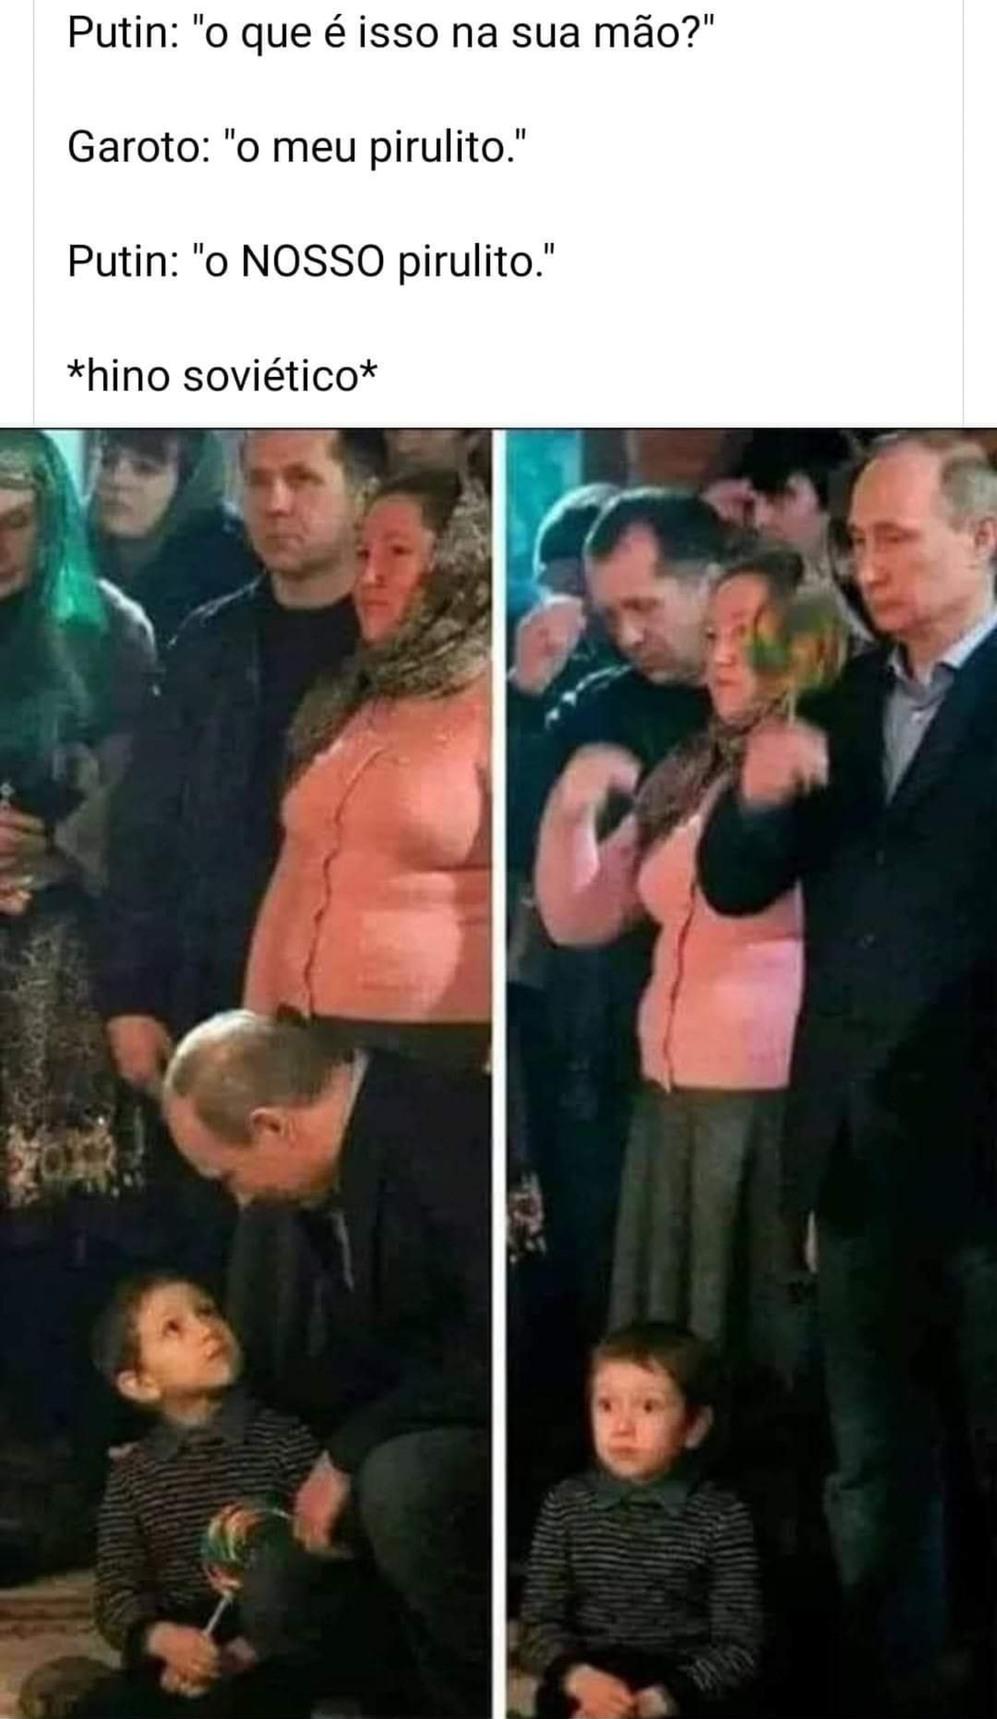 Putin puto da vida roubando doce de criança, é uma imagem proibida em 1 pais, a Rússia. Kkkk - meme